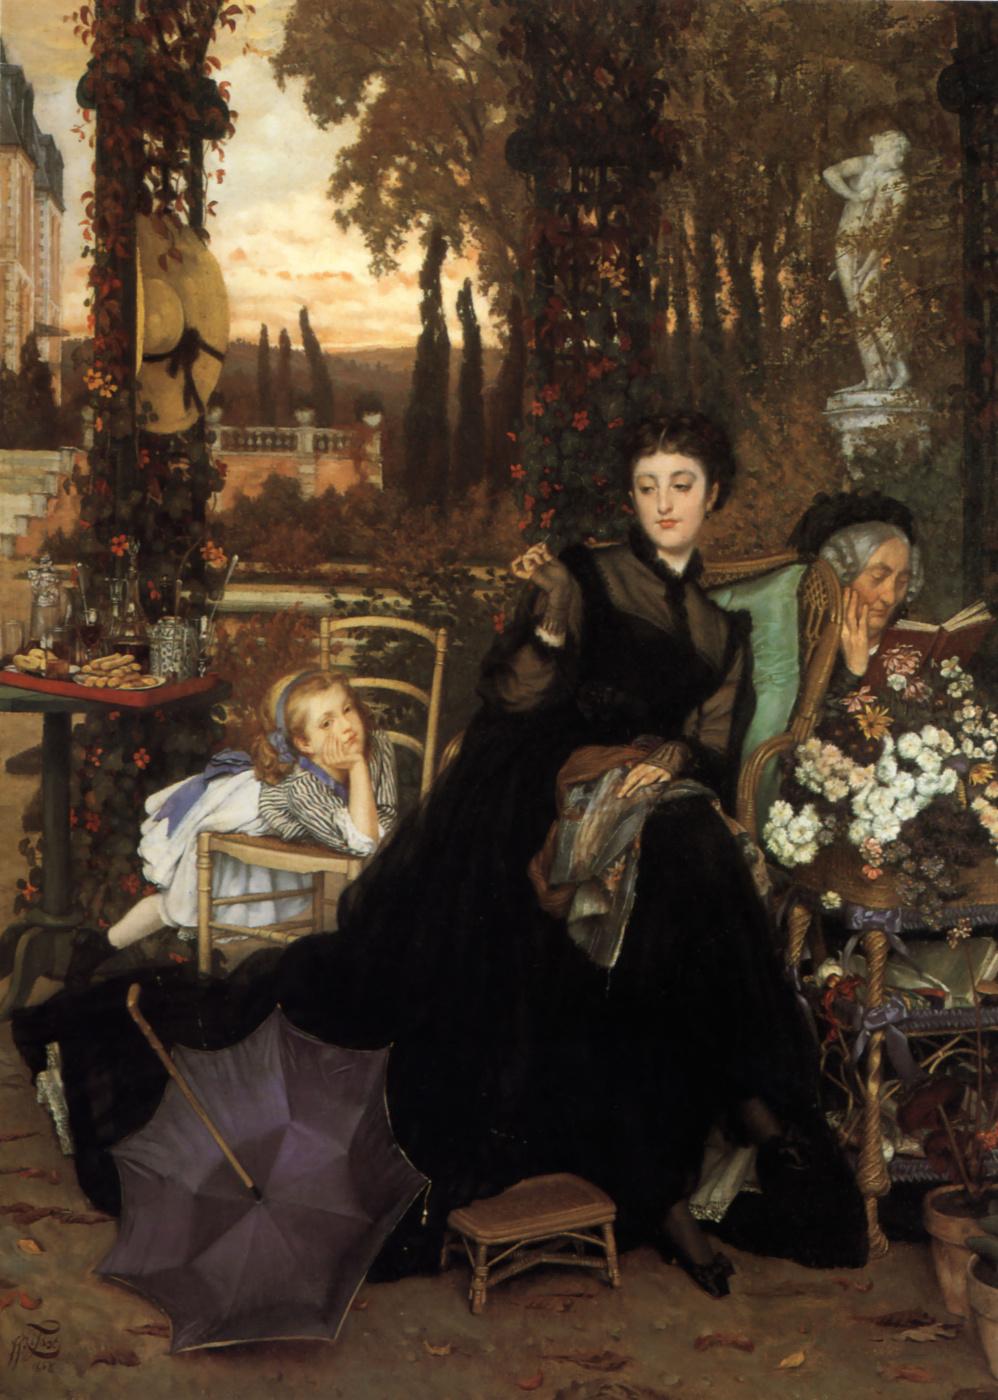 James Tissot. Widow